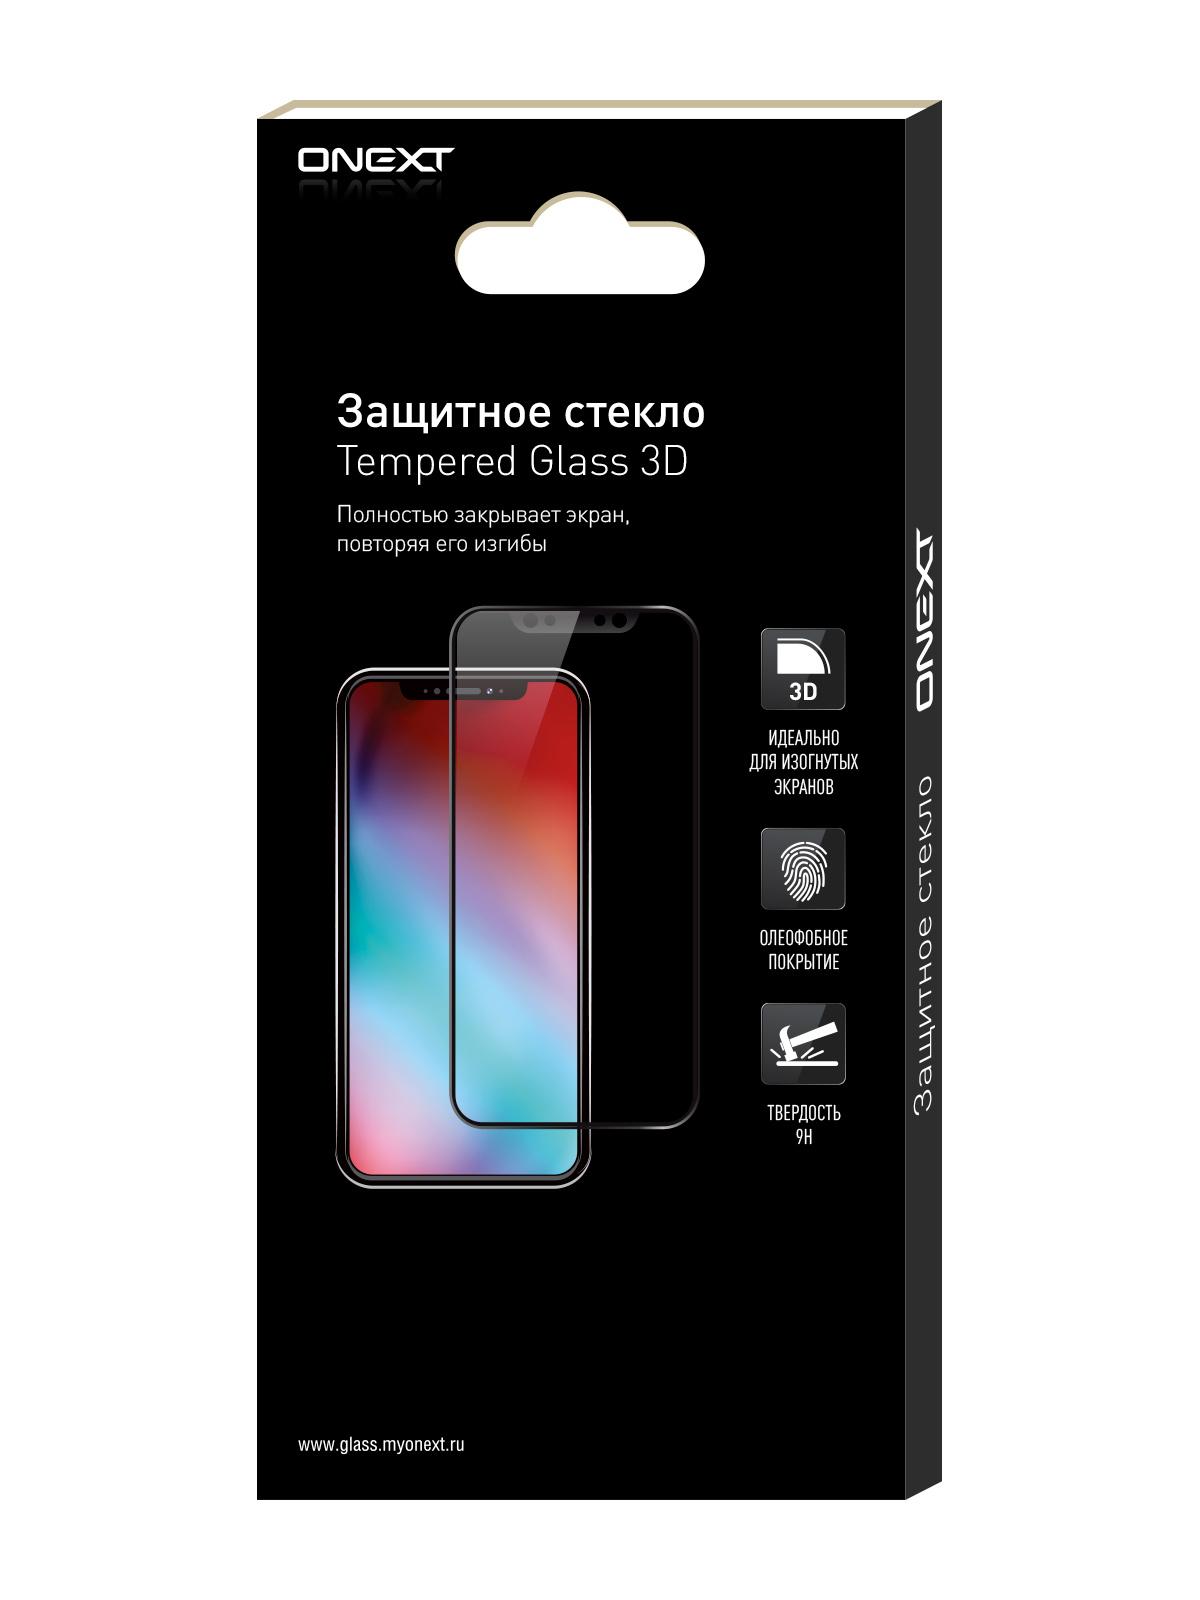 Защитное стекло ONEXT для Apple iPhone 8 White